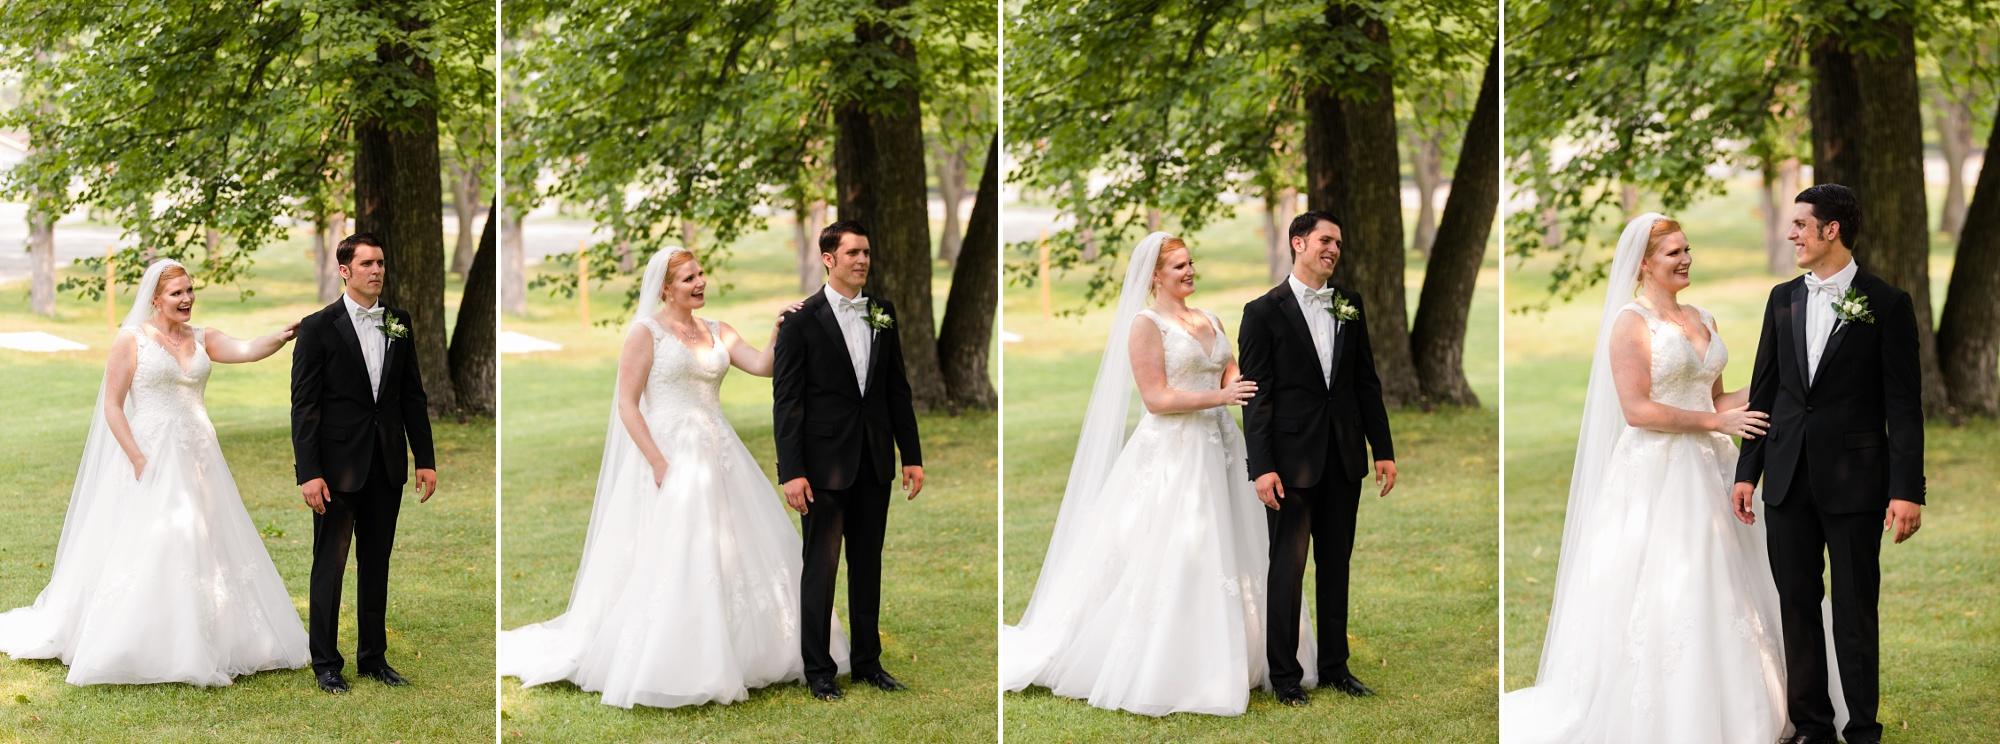 Amber Langerud Photography_Lakeside, Minnesota Wedding Brooke & Greg_5420.jpg